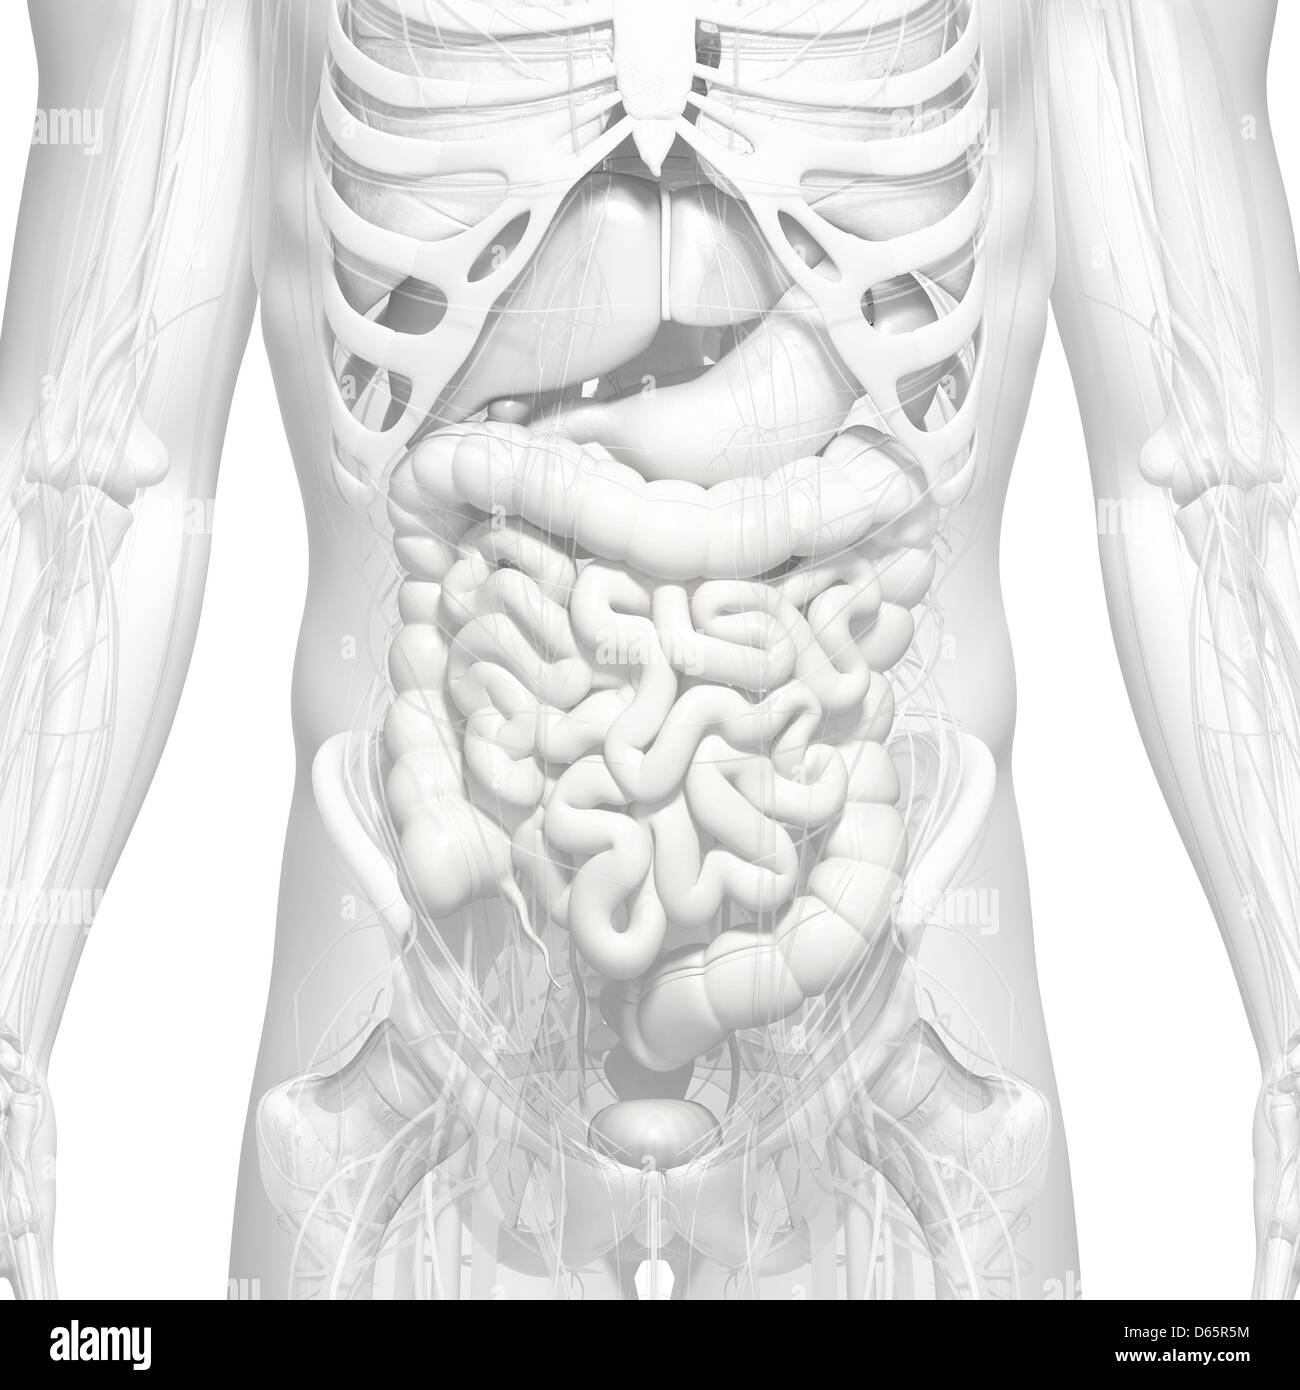 Ausgezeichnet Männliche Anatomie Fortpflanzungssystem Galerie ...